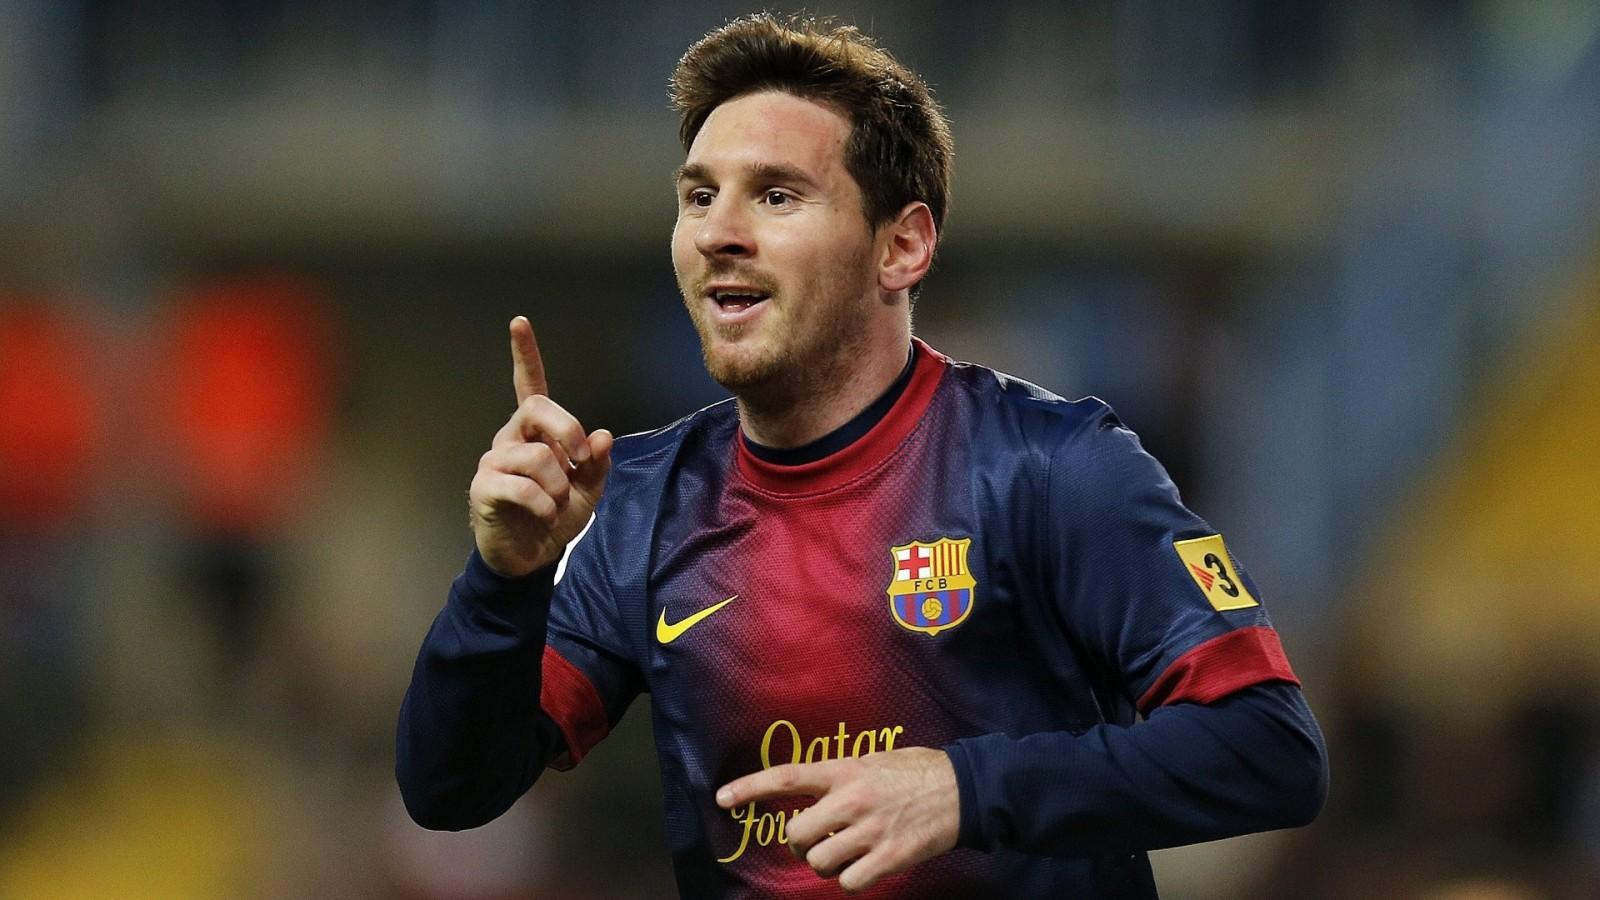 Lionel Messi Barcelona HD Wallpaper of Football   hdwallpaper2013com 1600x900